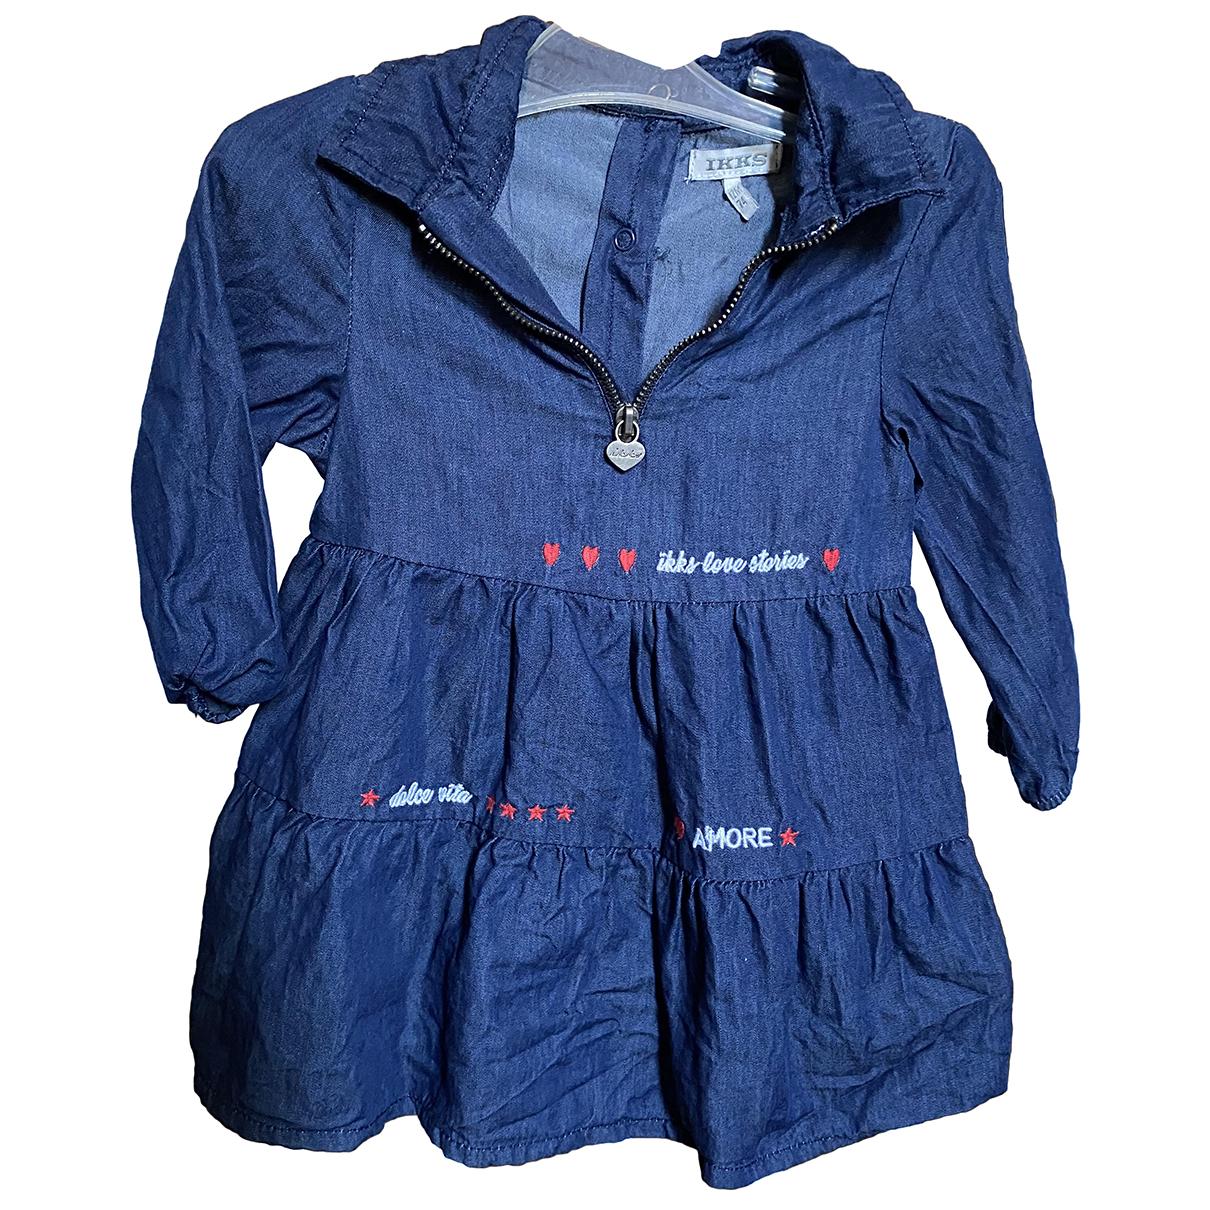 Ikks \N Kleid in  Blau Polyester